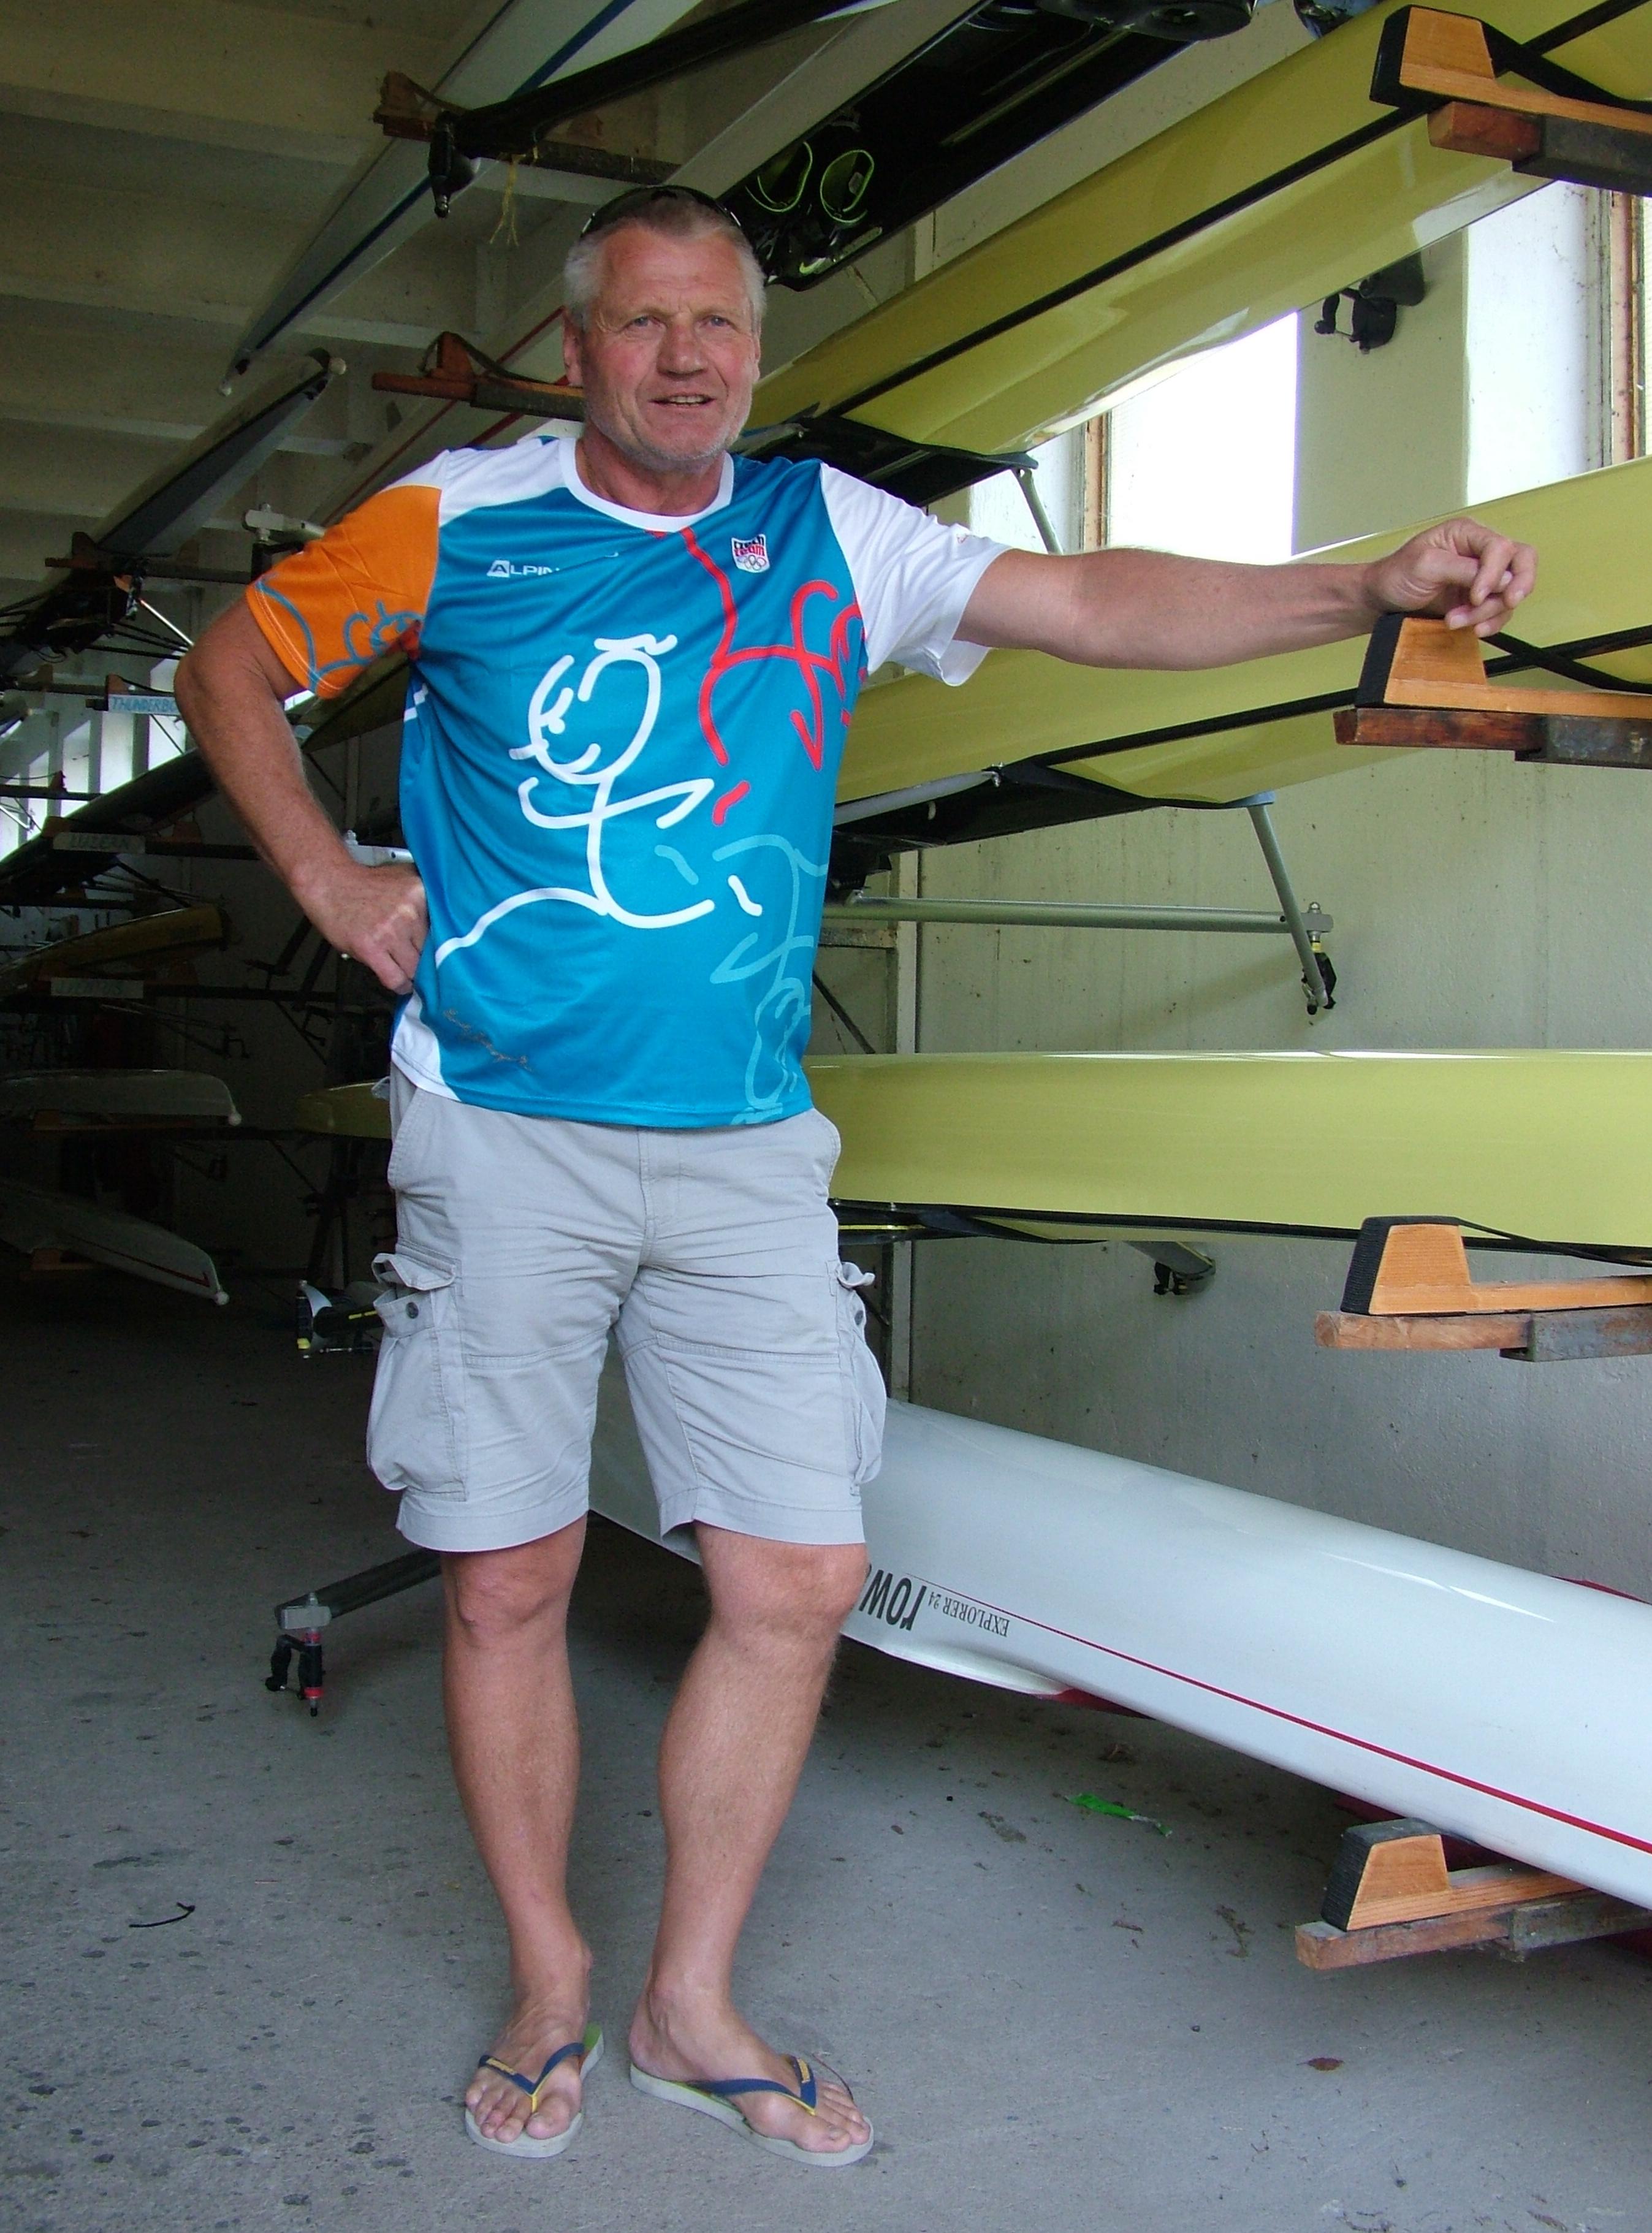 Jak chutná medailový úspěch na světovém šampionátu zažil Milan Doleček i v roli veslaře.